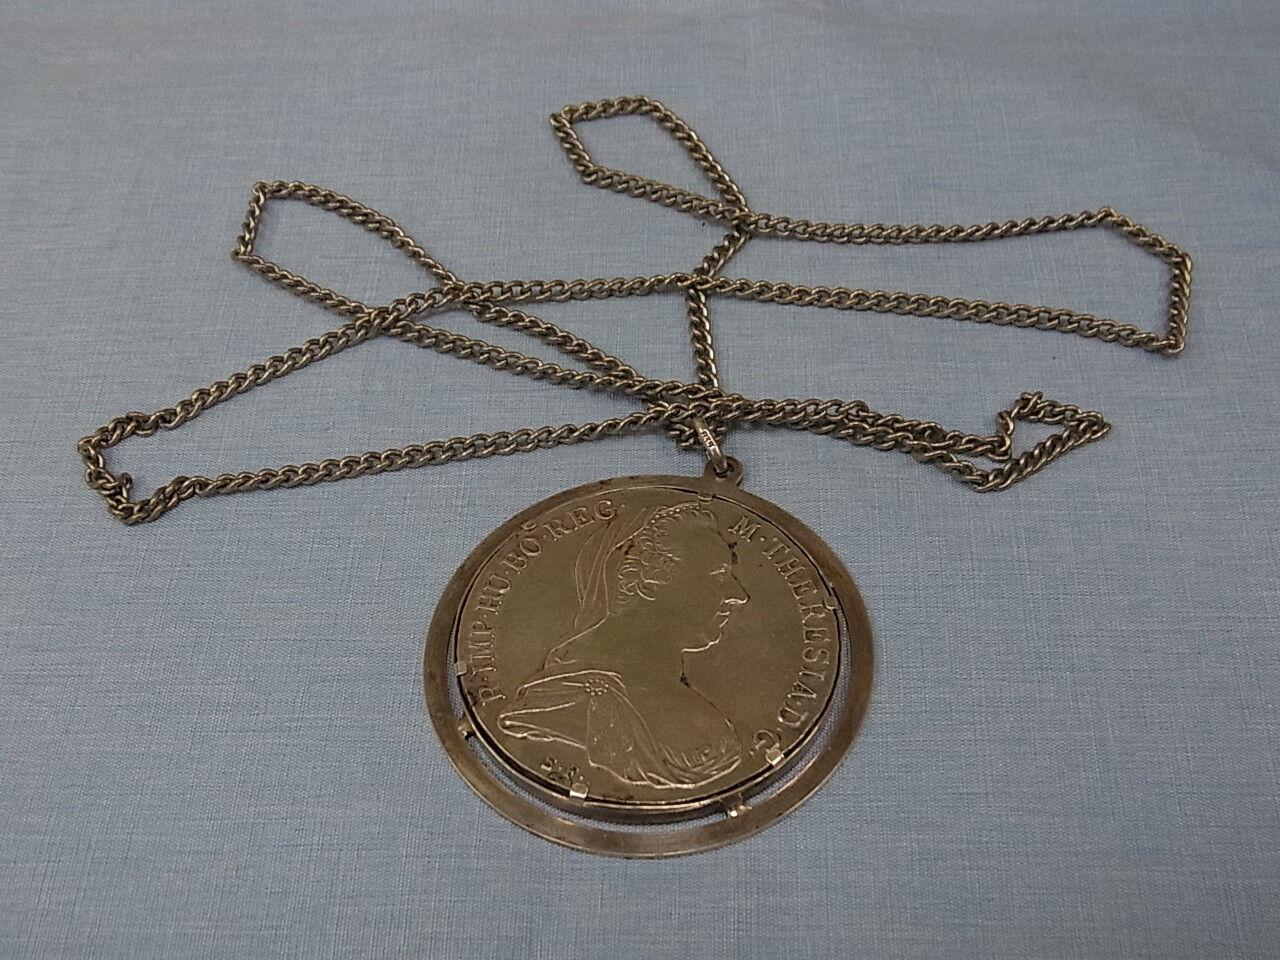 7537-835er silverkette mit Maria Theresia K-L 70 cm Taller mit Fassung d.m 5 cm